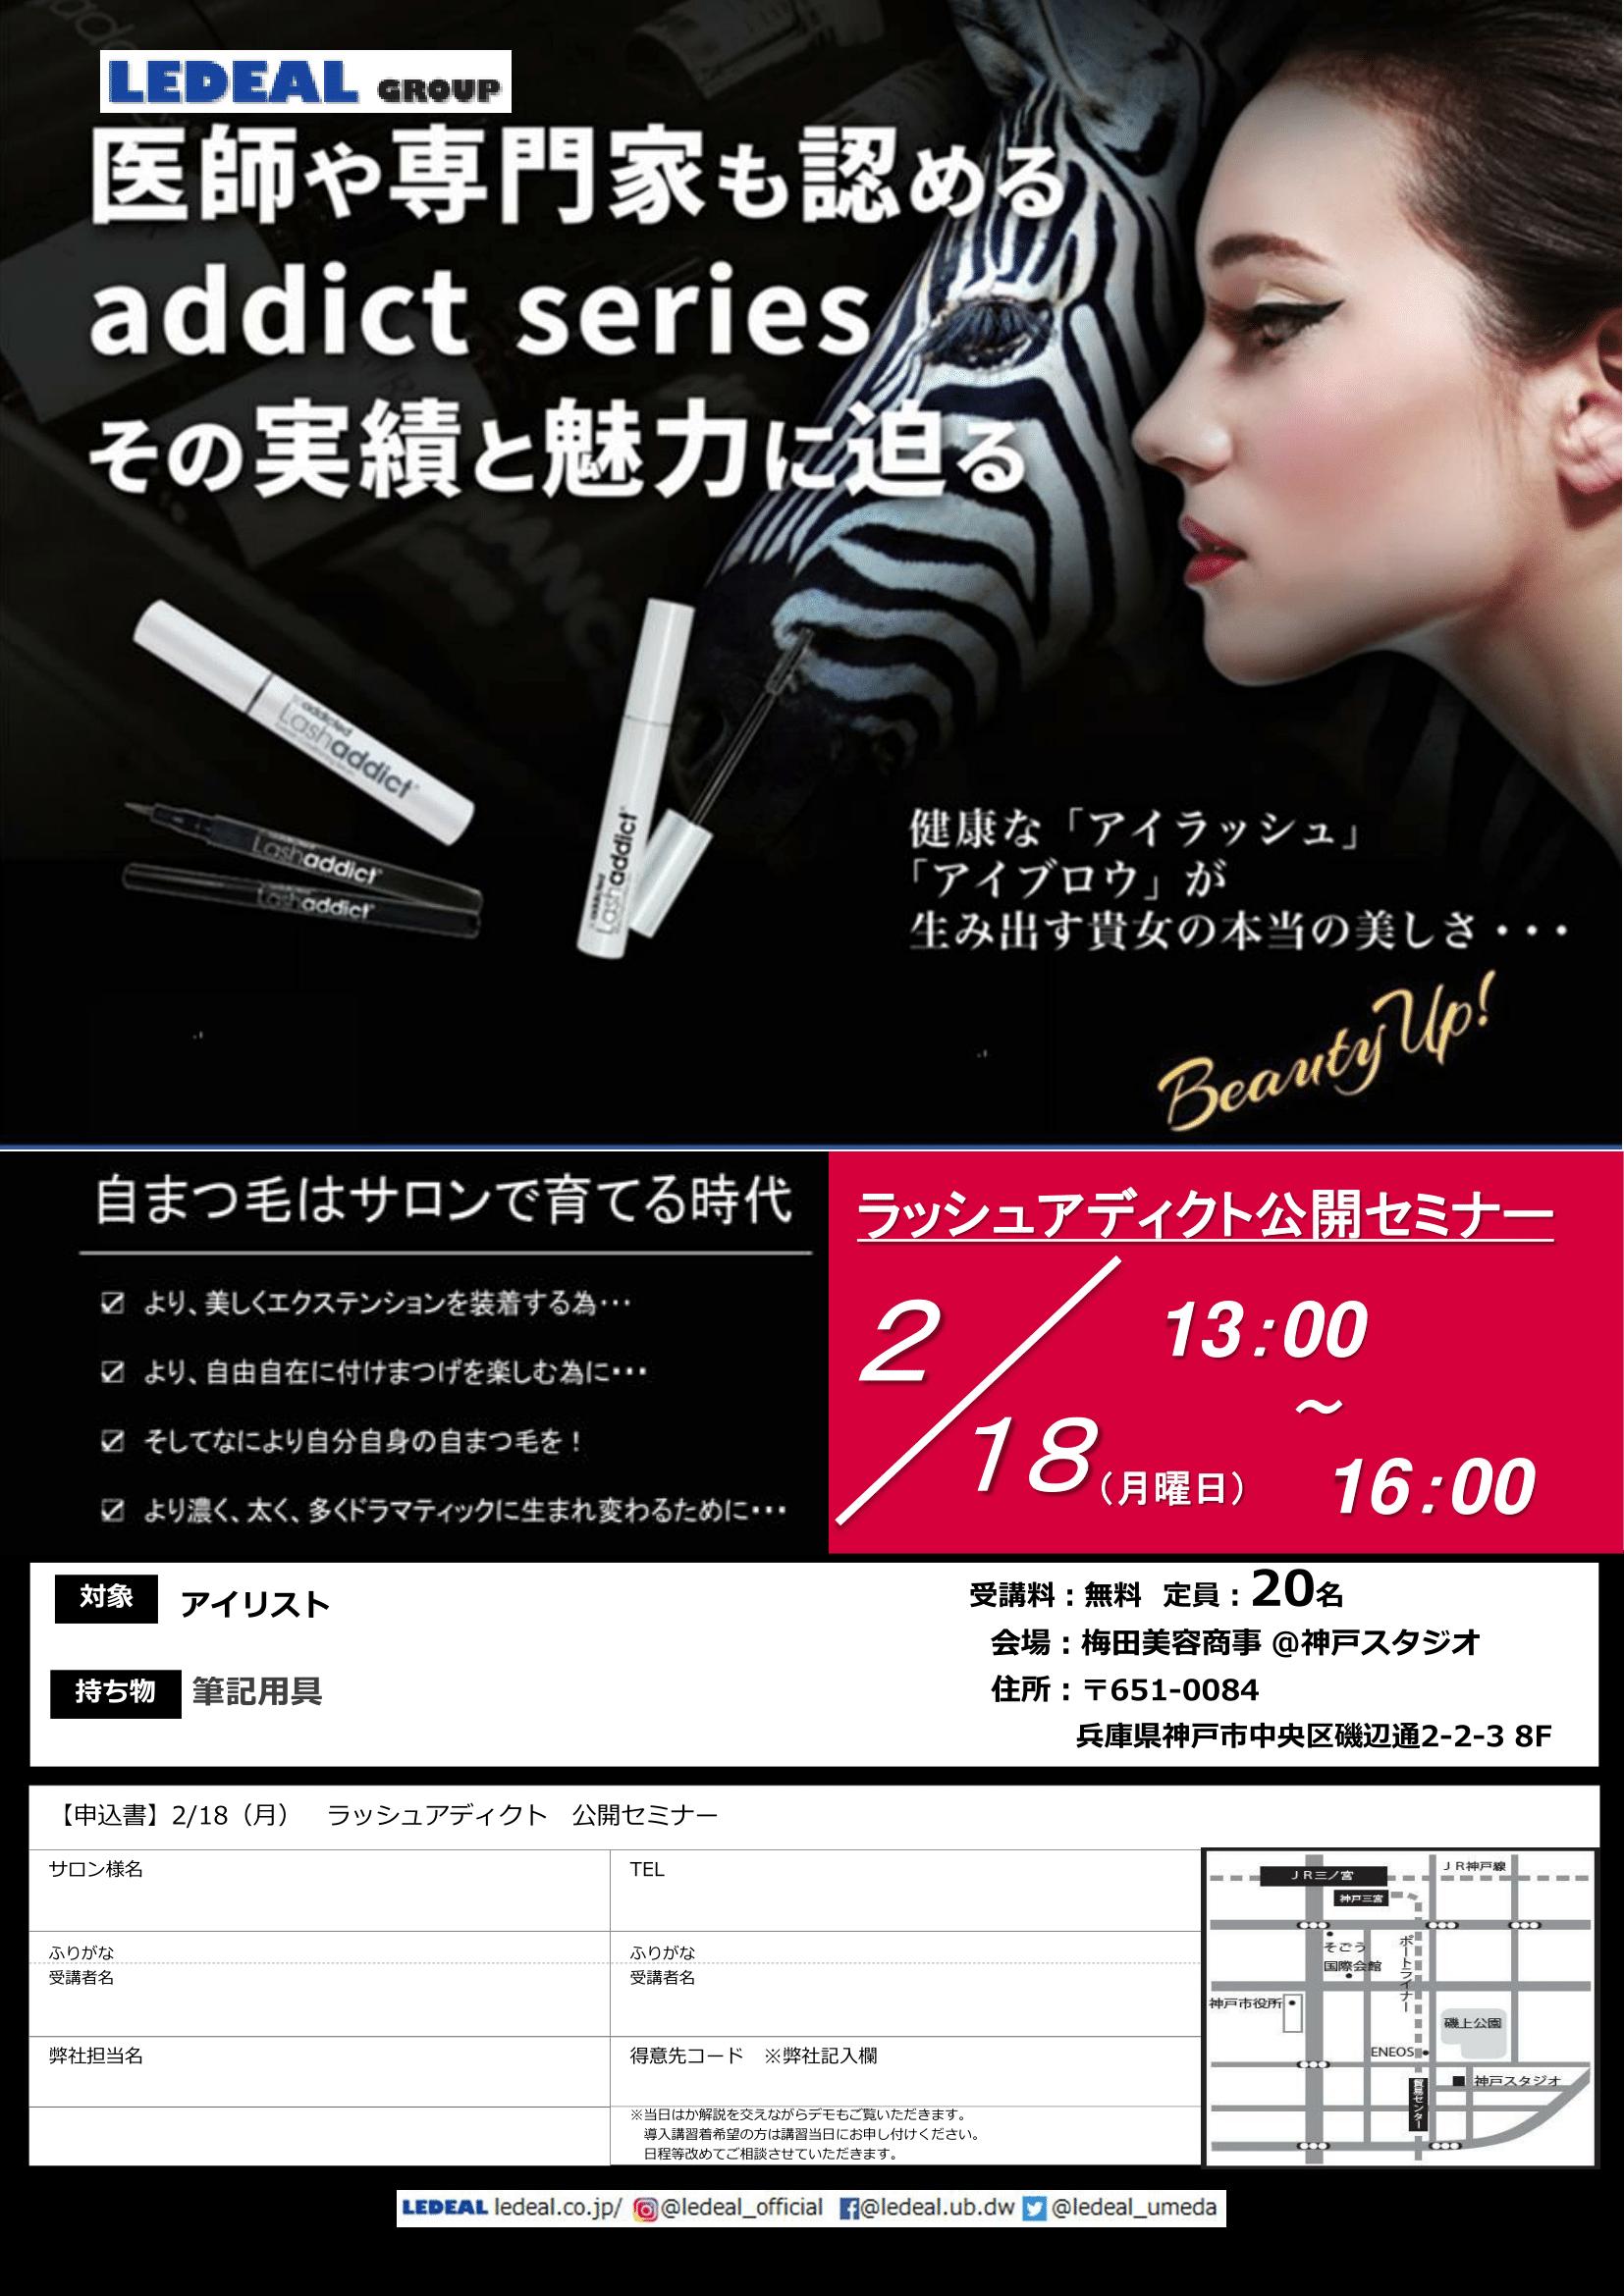 【神戸】ラッシュアディクト公開セミナー